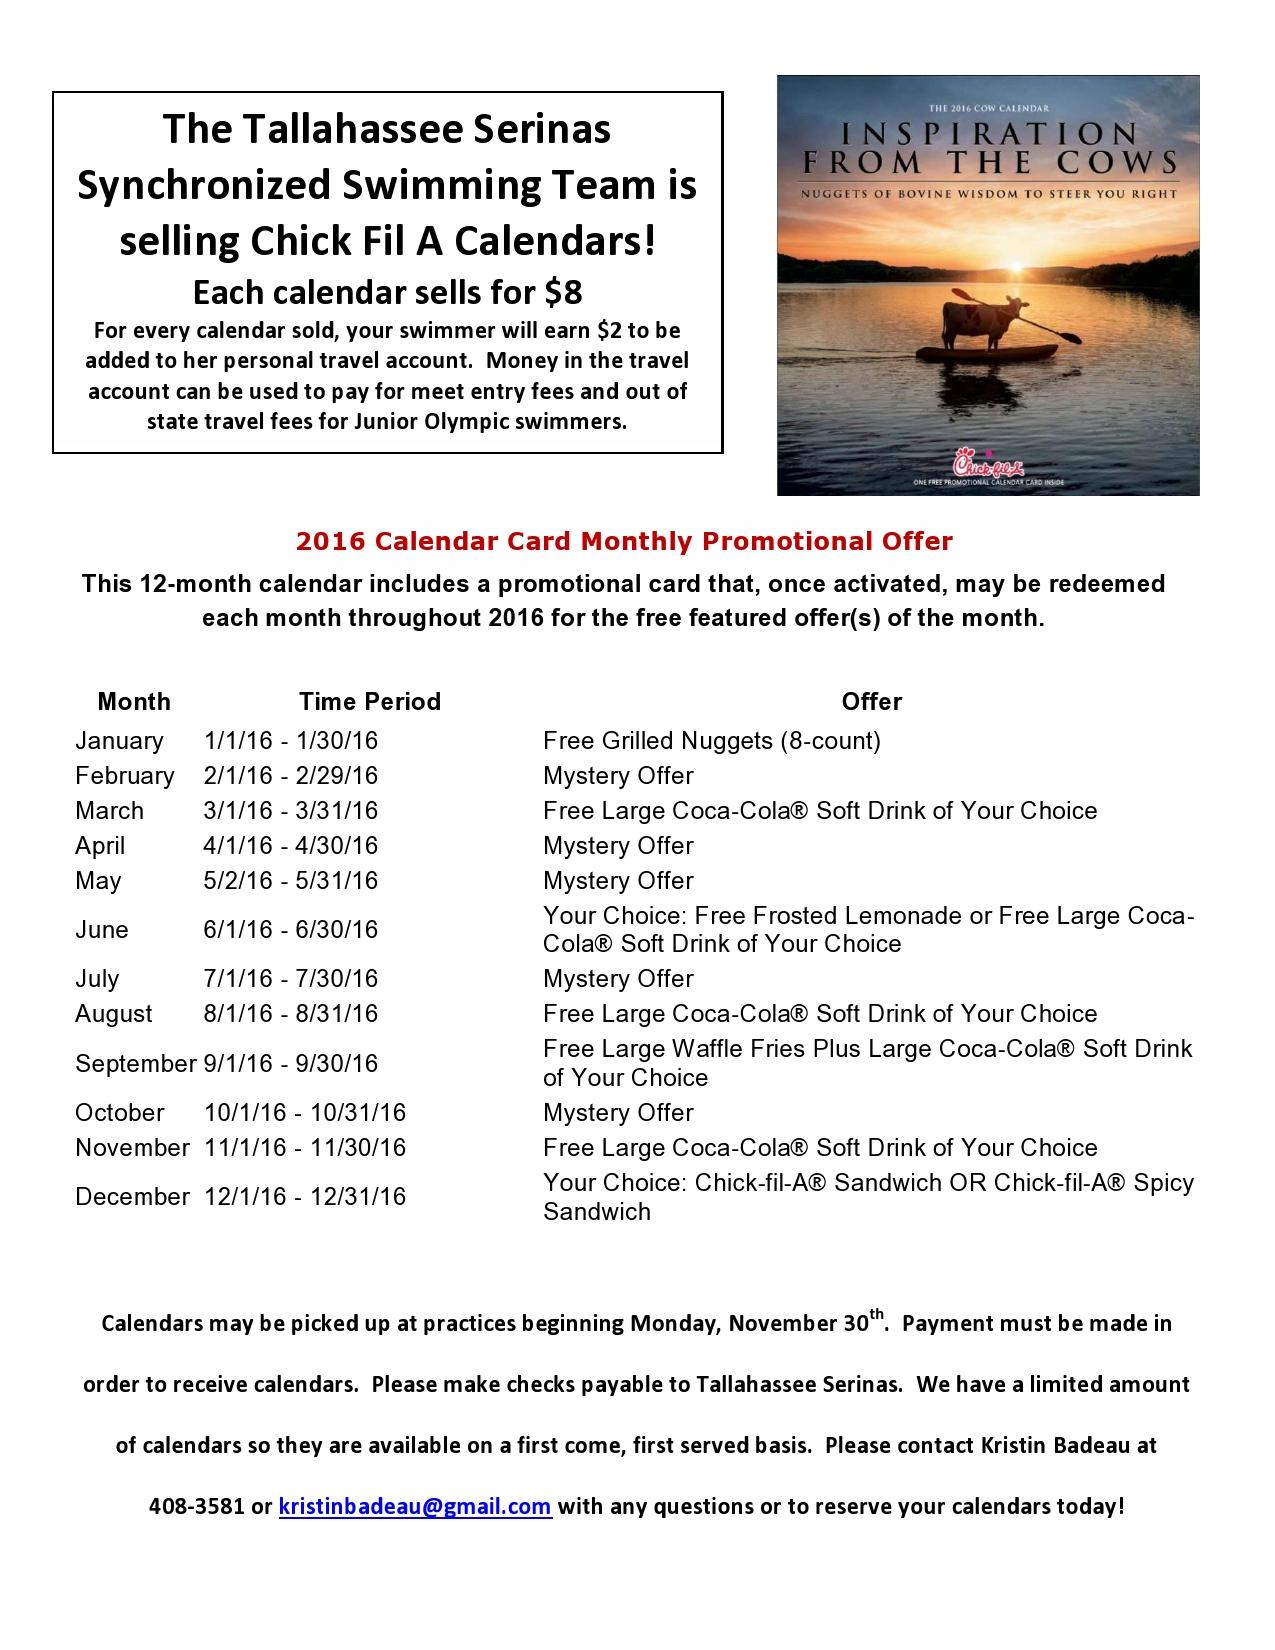 chick fil a calendar order form - Bogas.gardenstaging.co